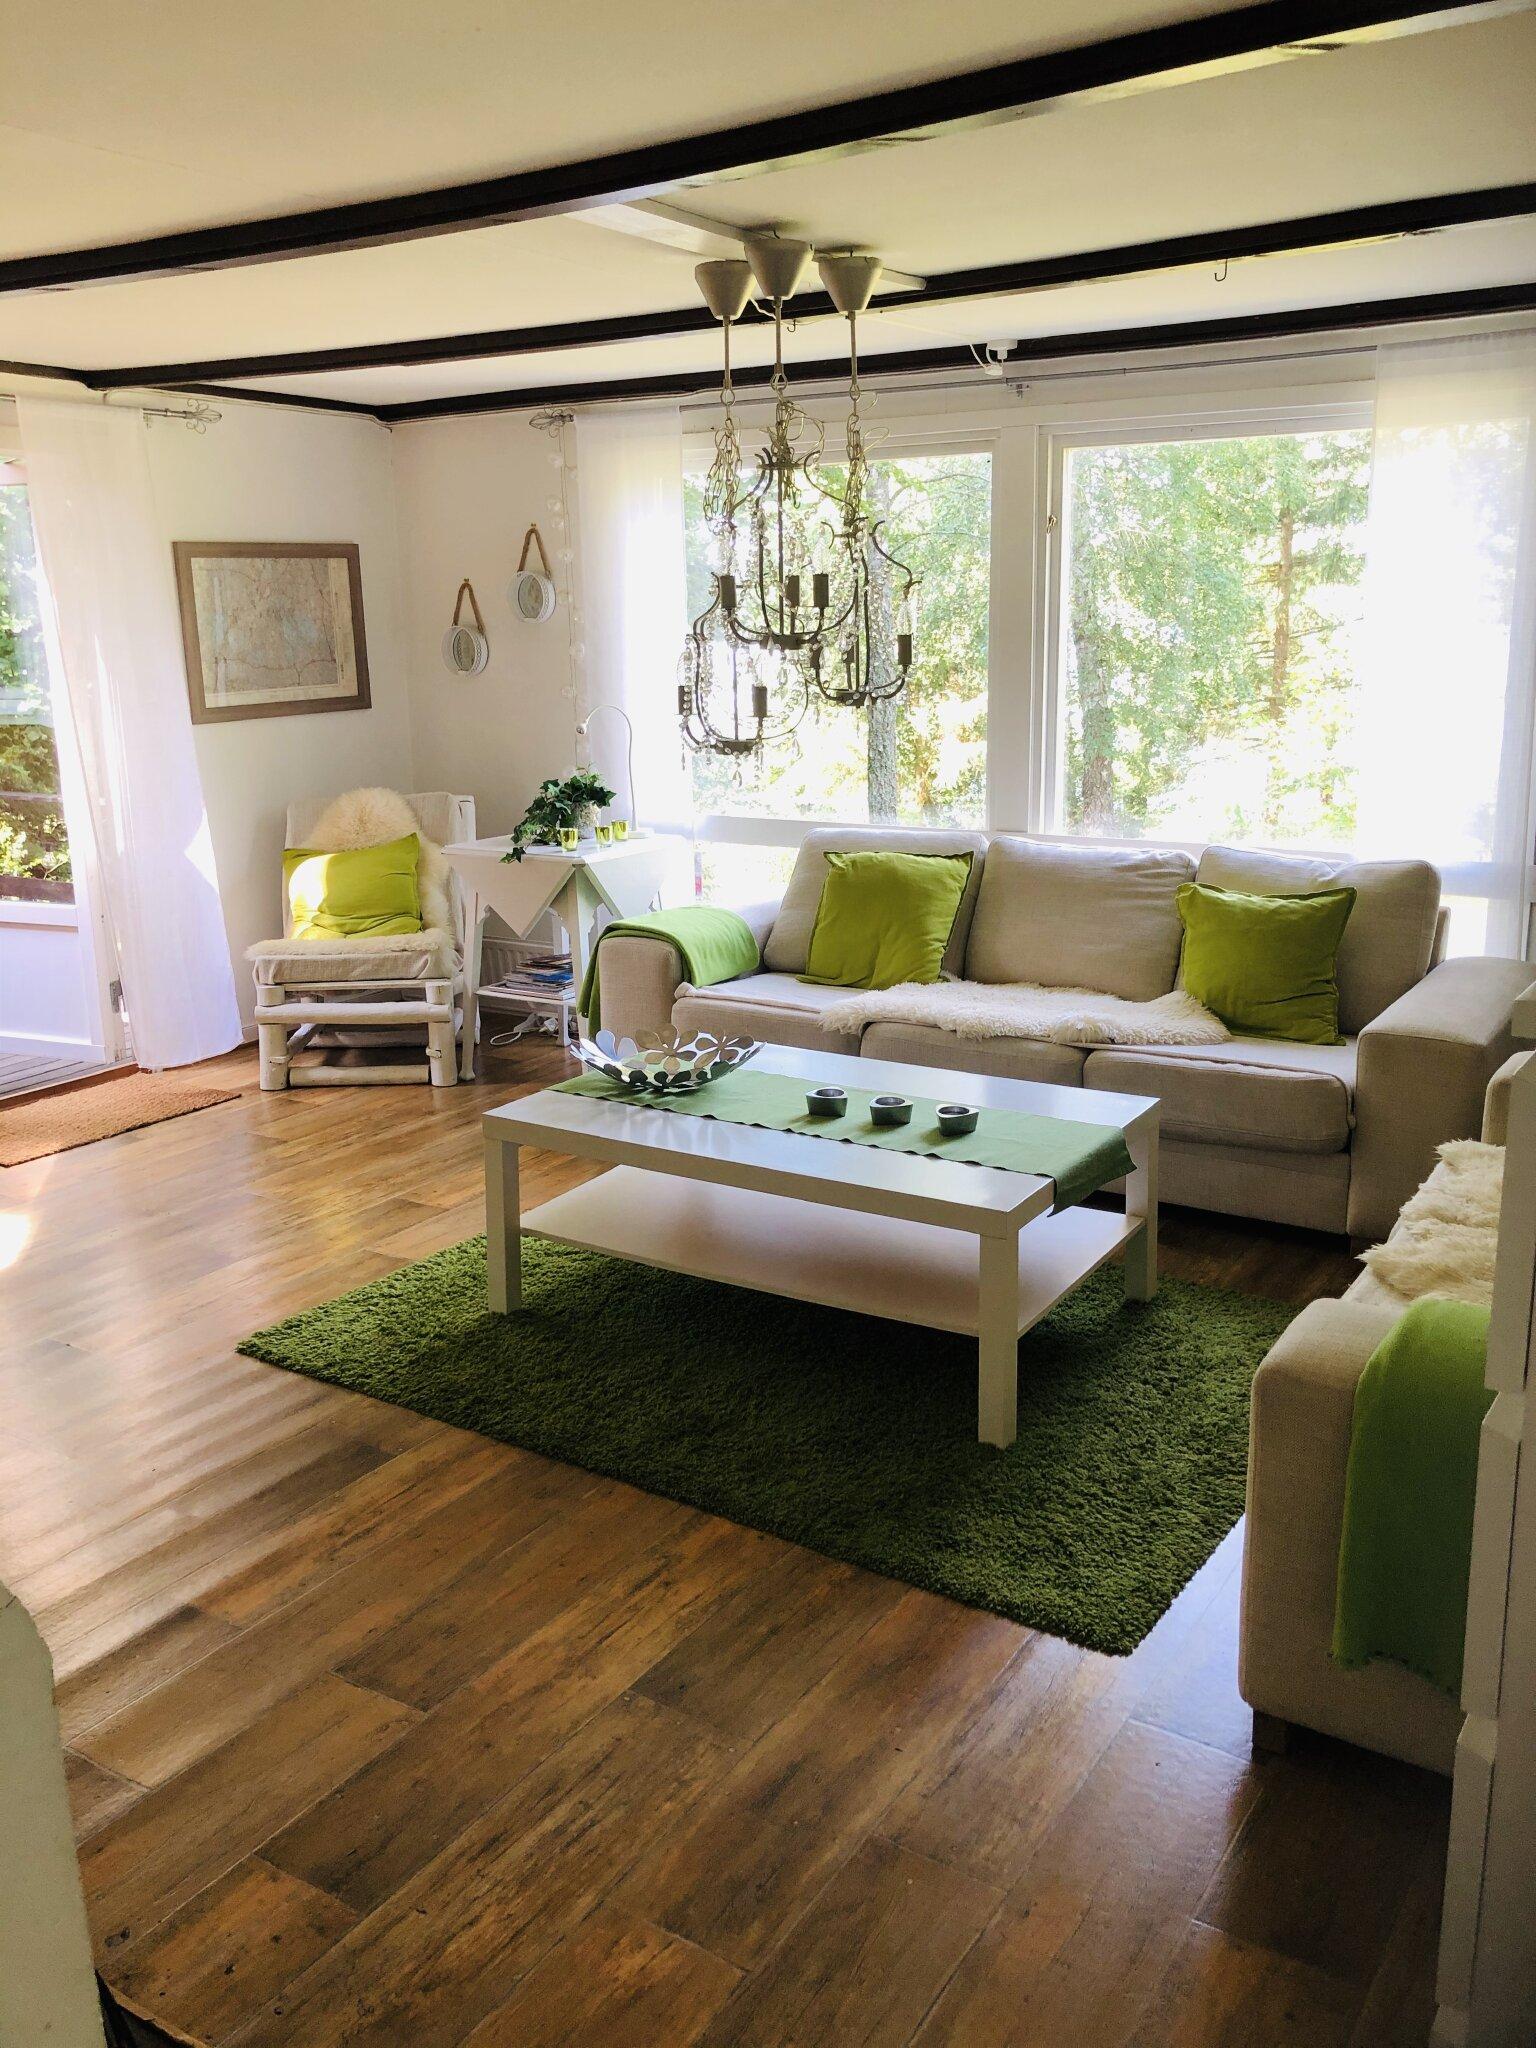 Wohnzimmer mit einer schönen Aussicht.